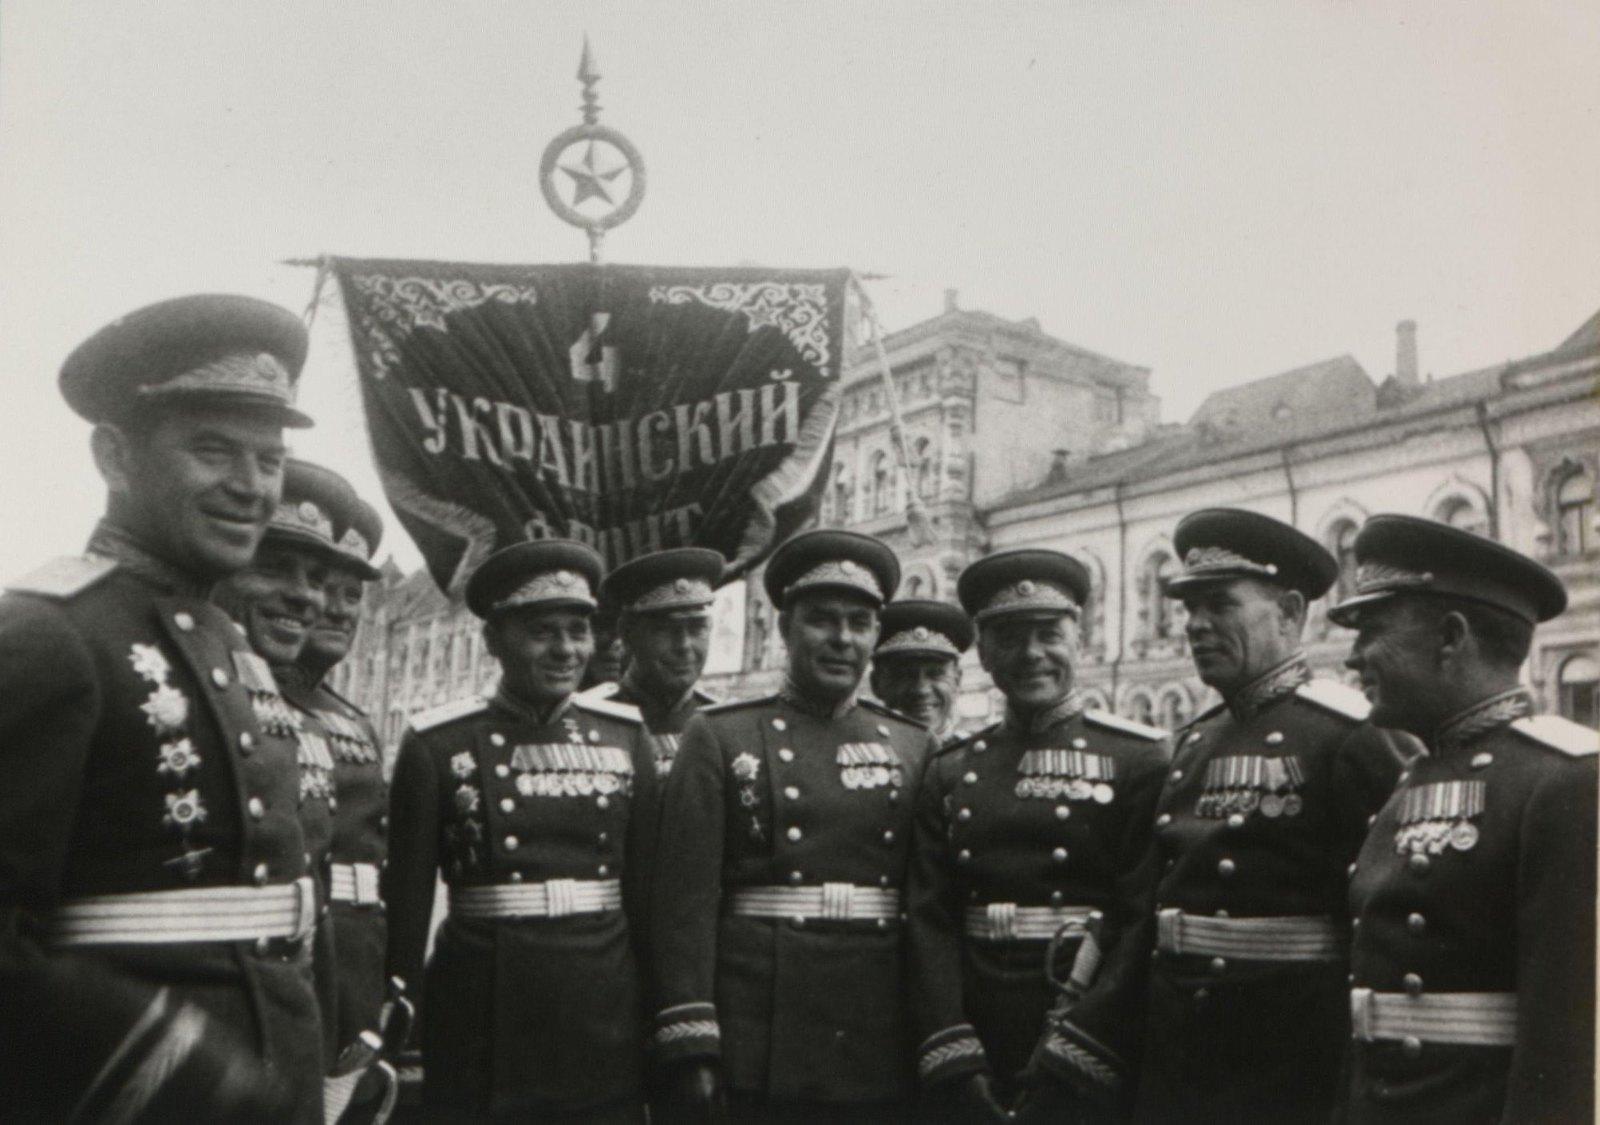 02. Группа командиров 4-го Украинского фронта на Параде Победы. 24 июня 1945